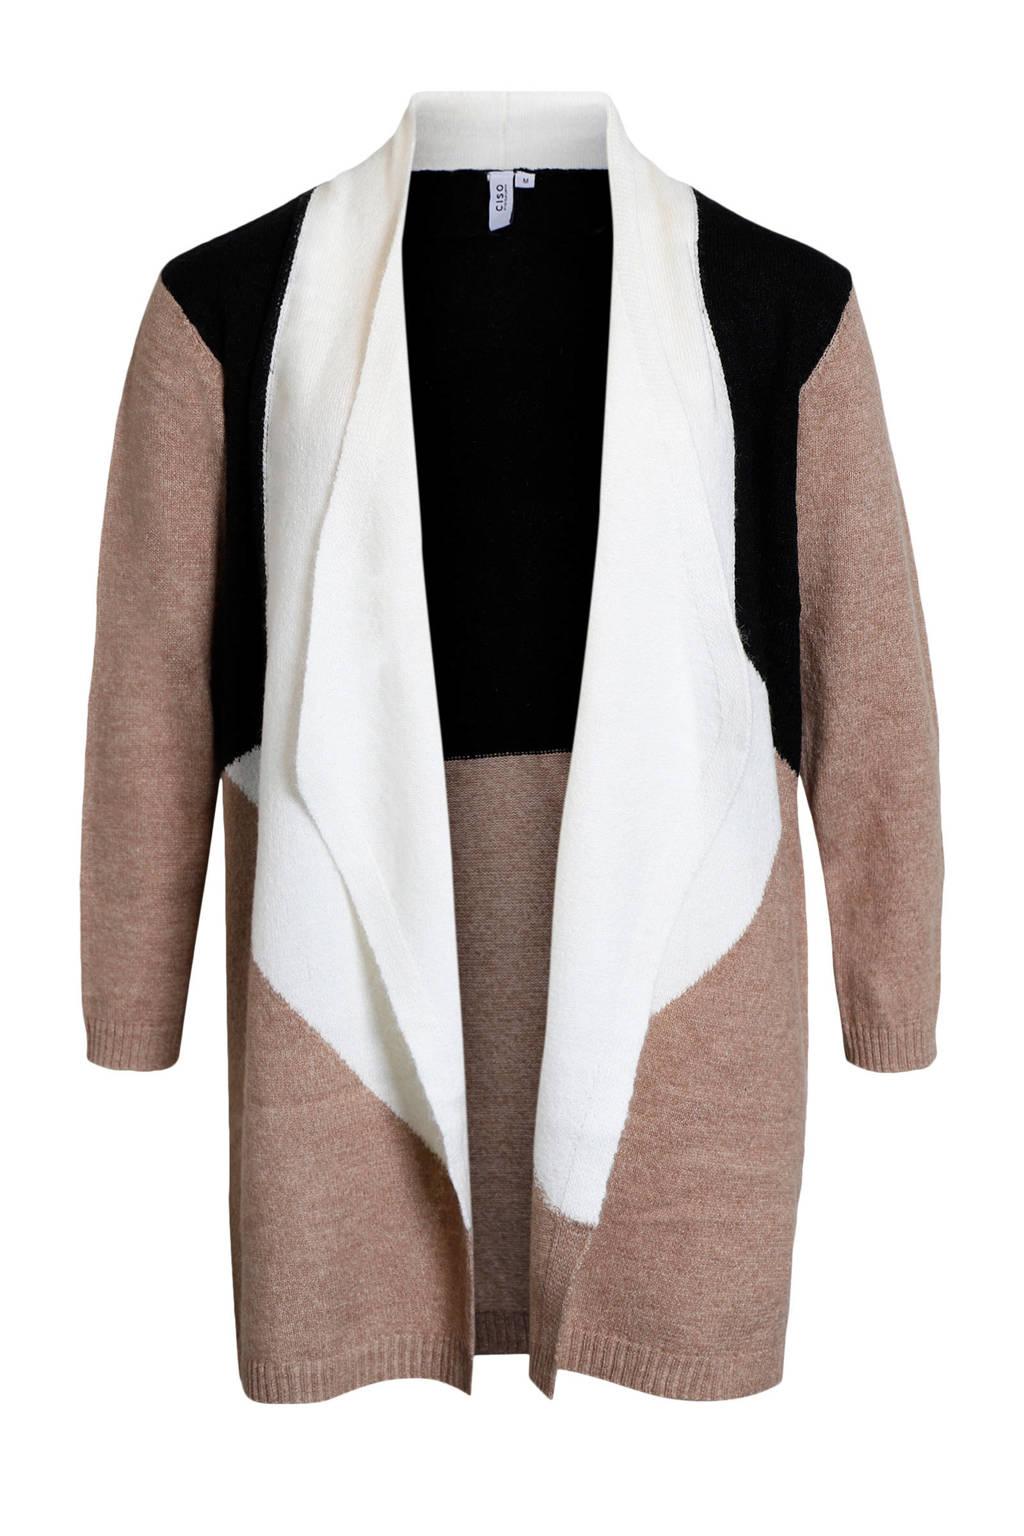 Ciso fijngebreid vest met wol beige/zwart/wit, Beige/zwart/wit